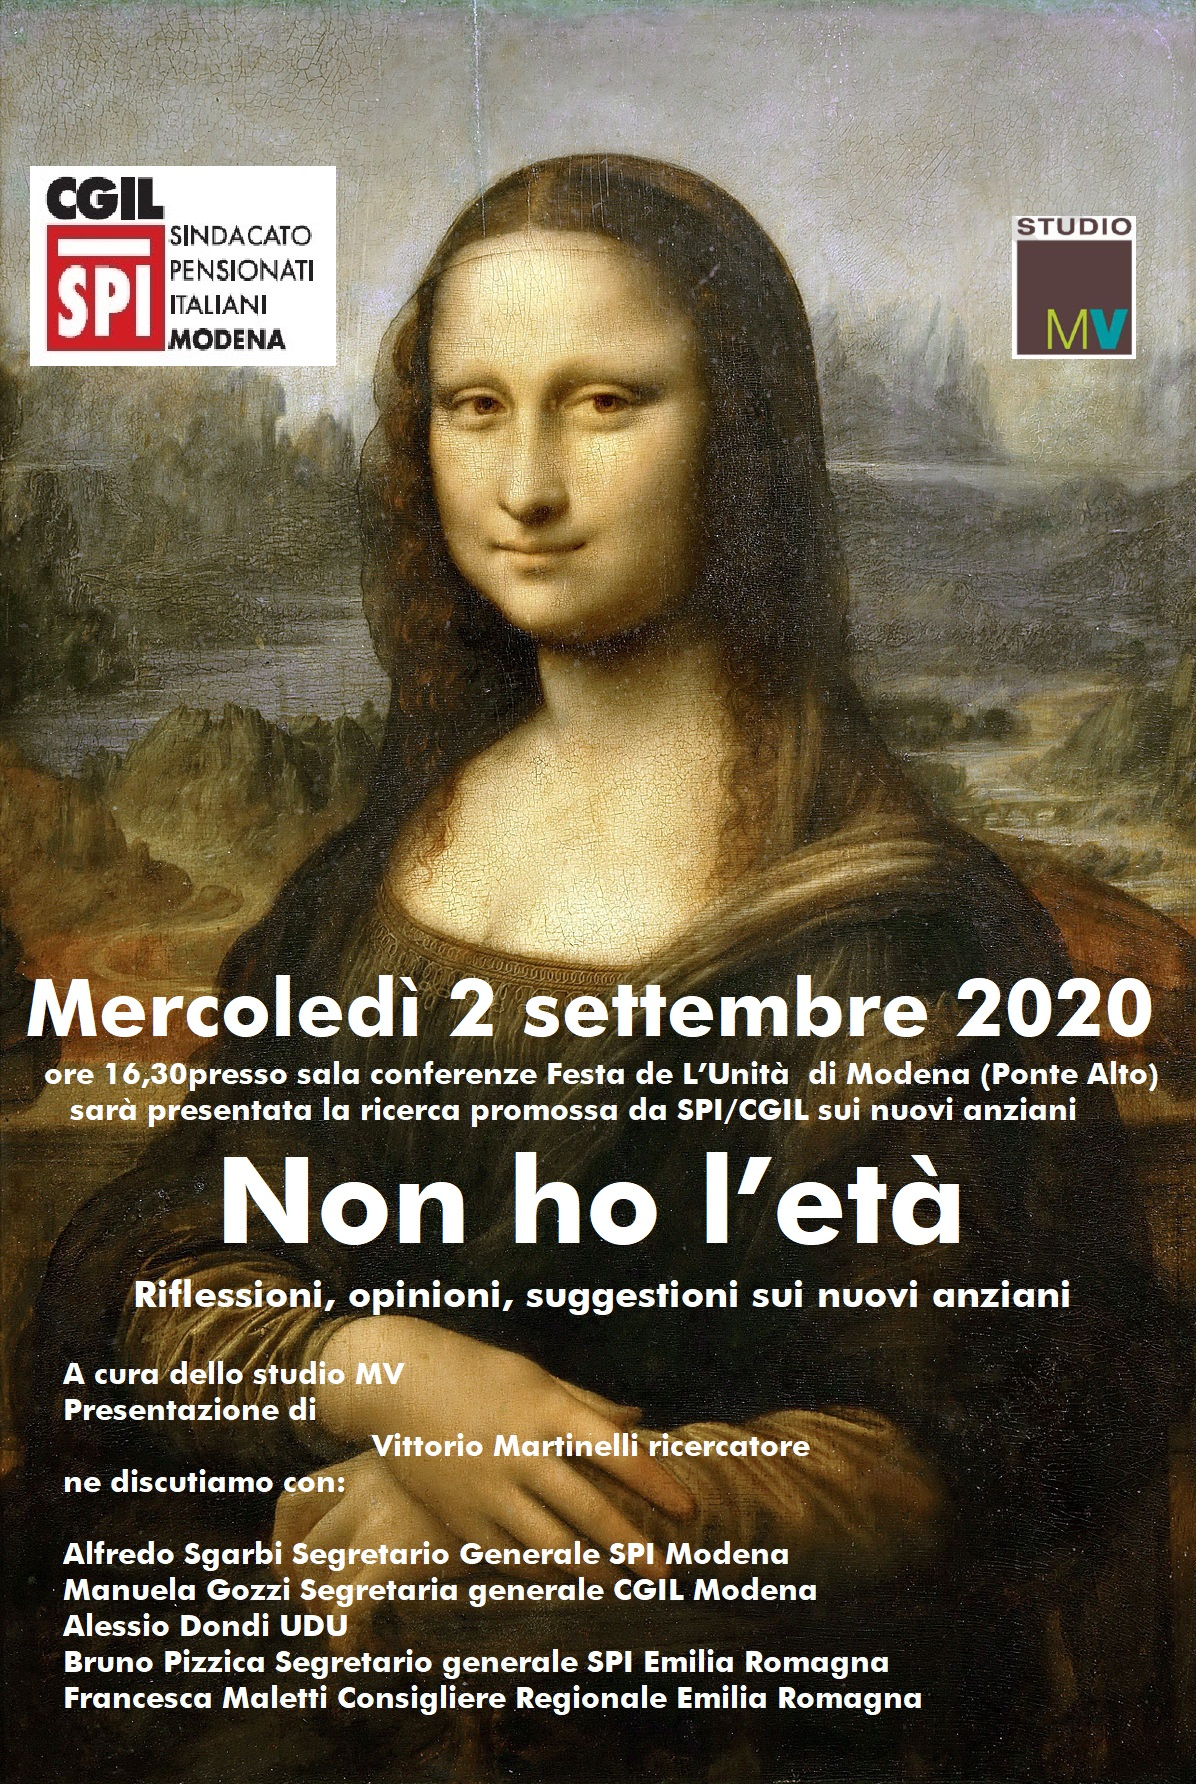 Non ho l'età - Innovativa ricerca MV / Spi Cgil Modena